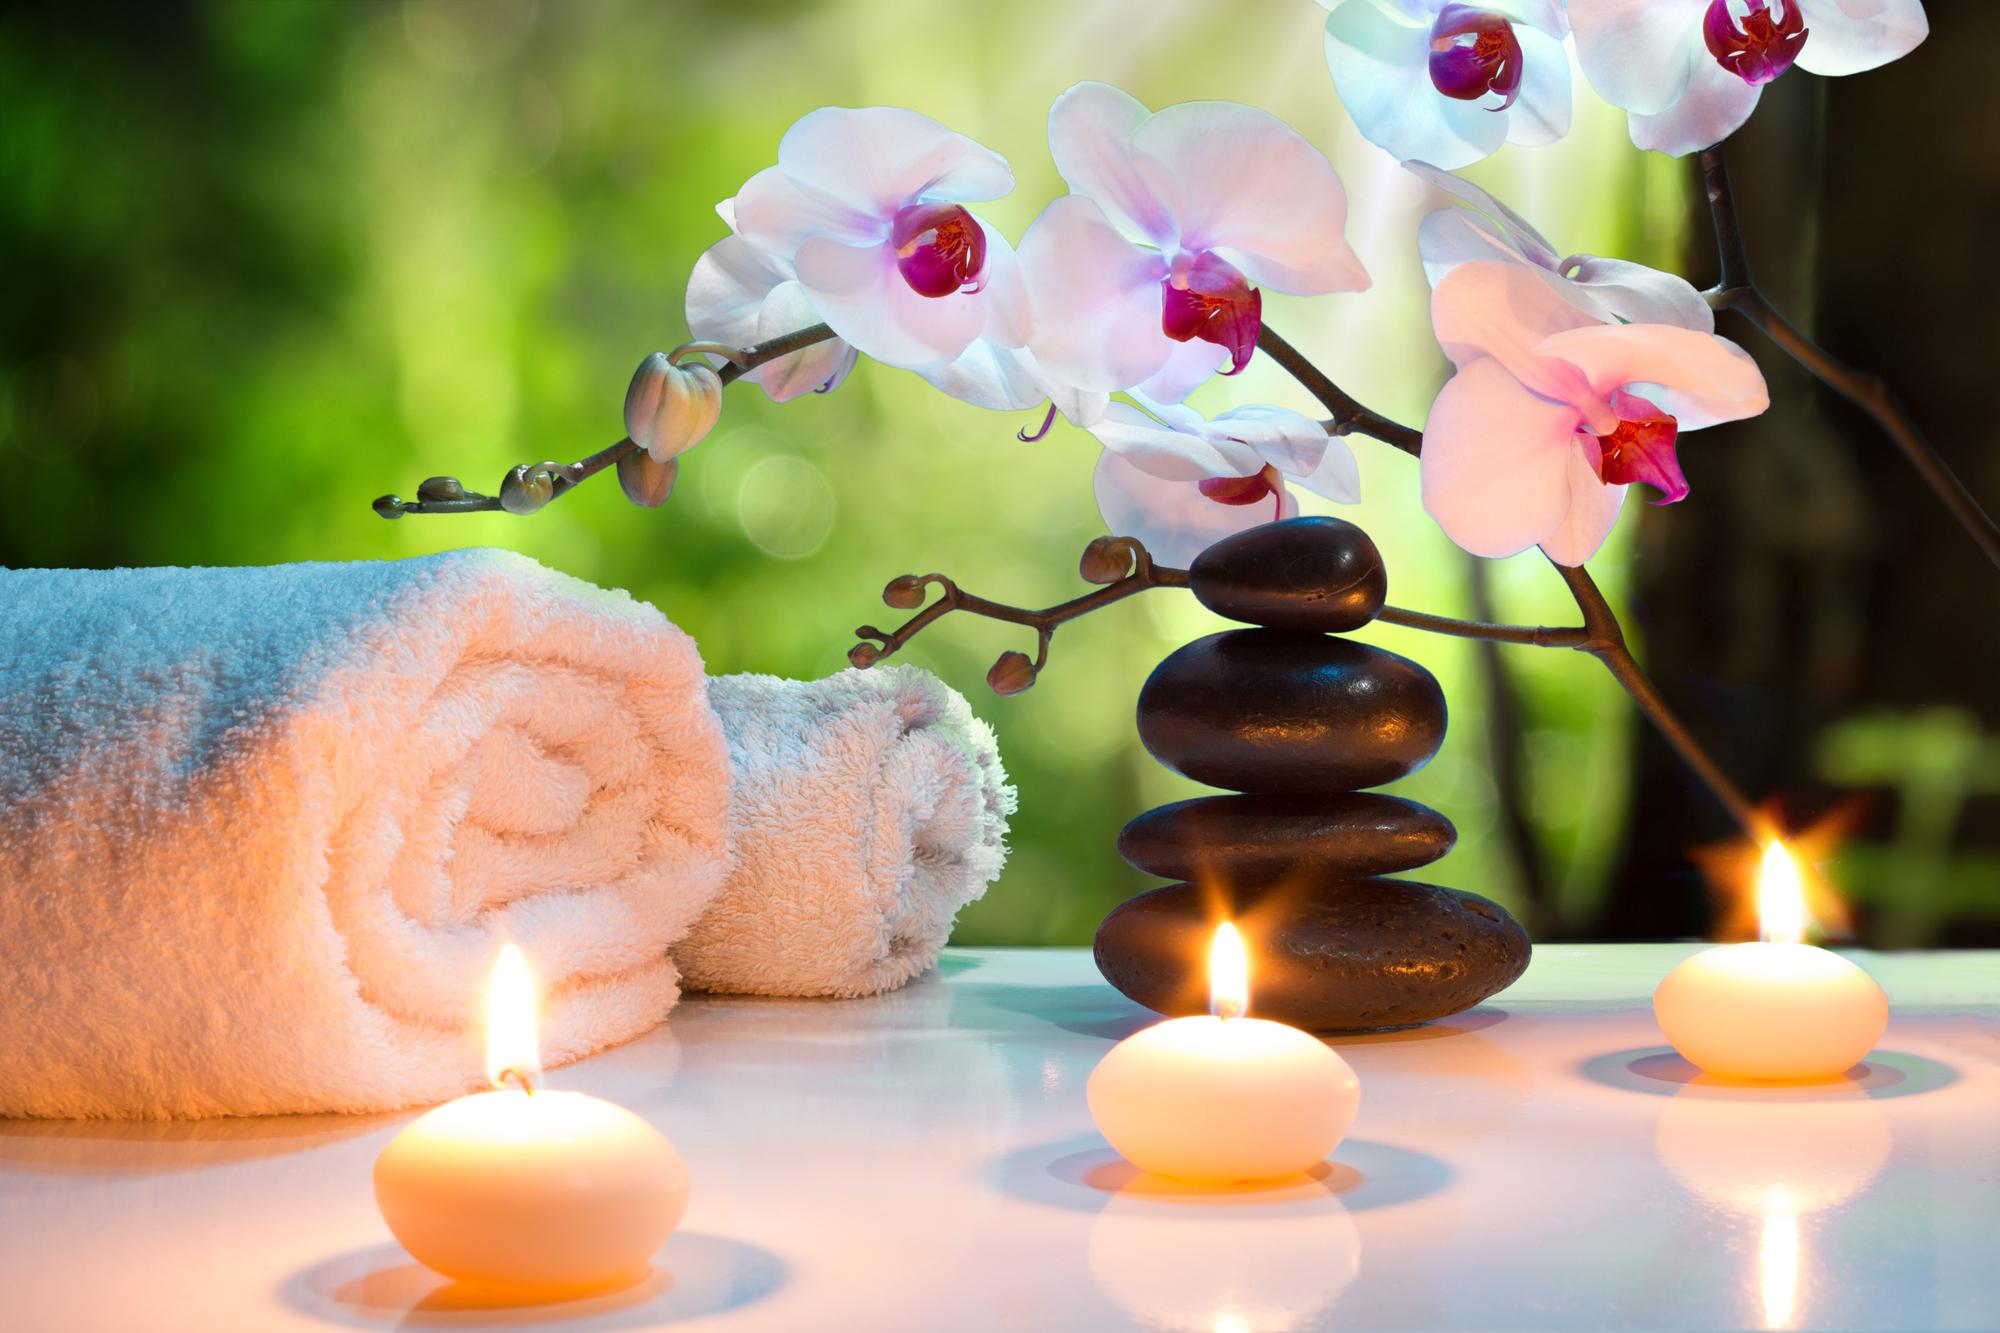 soothing hot stone massage